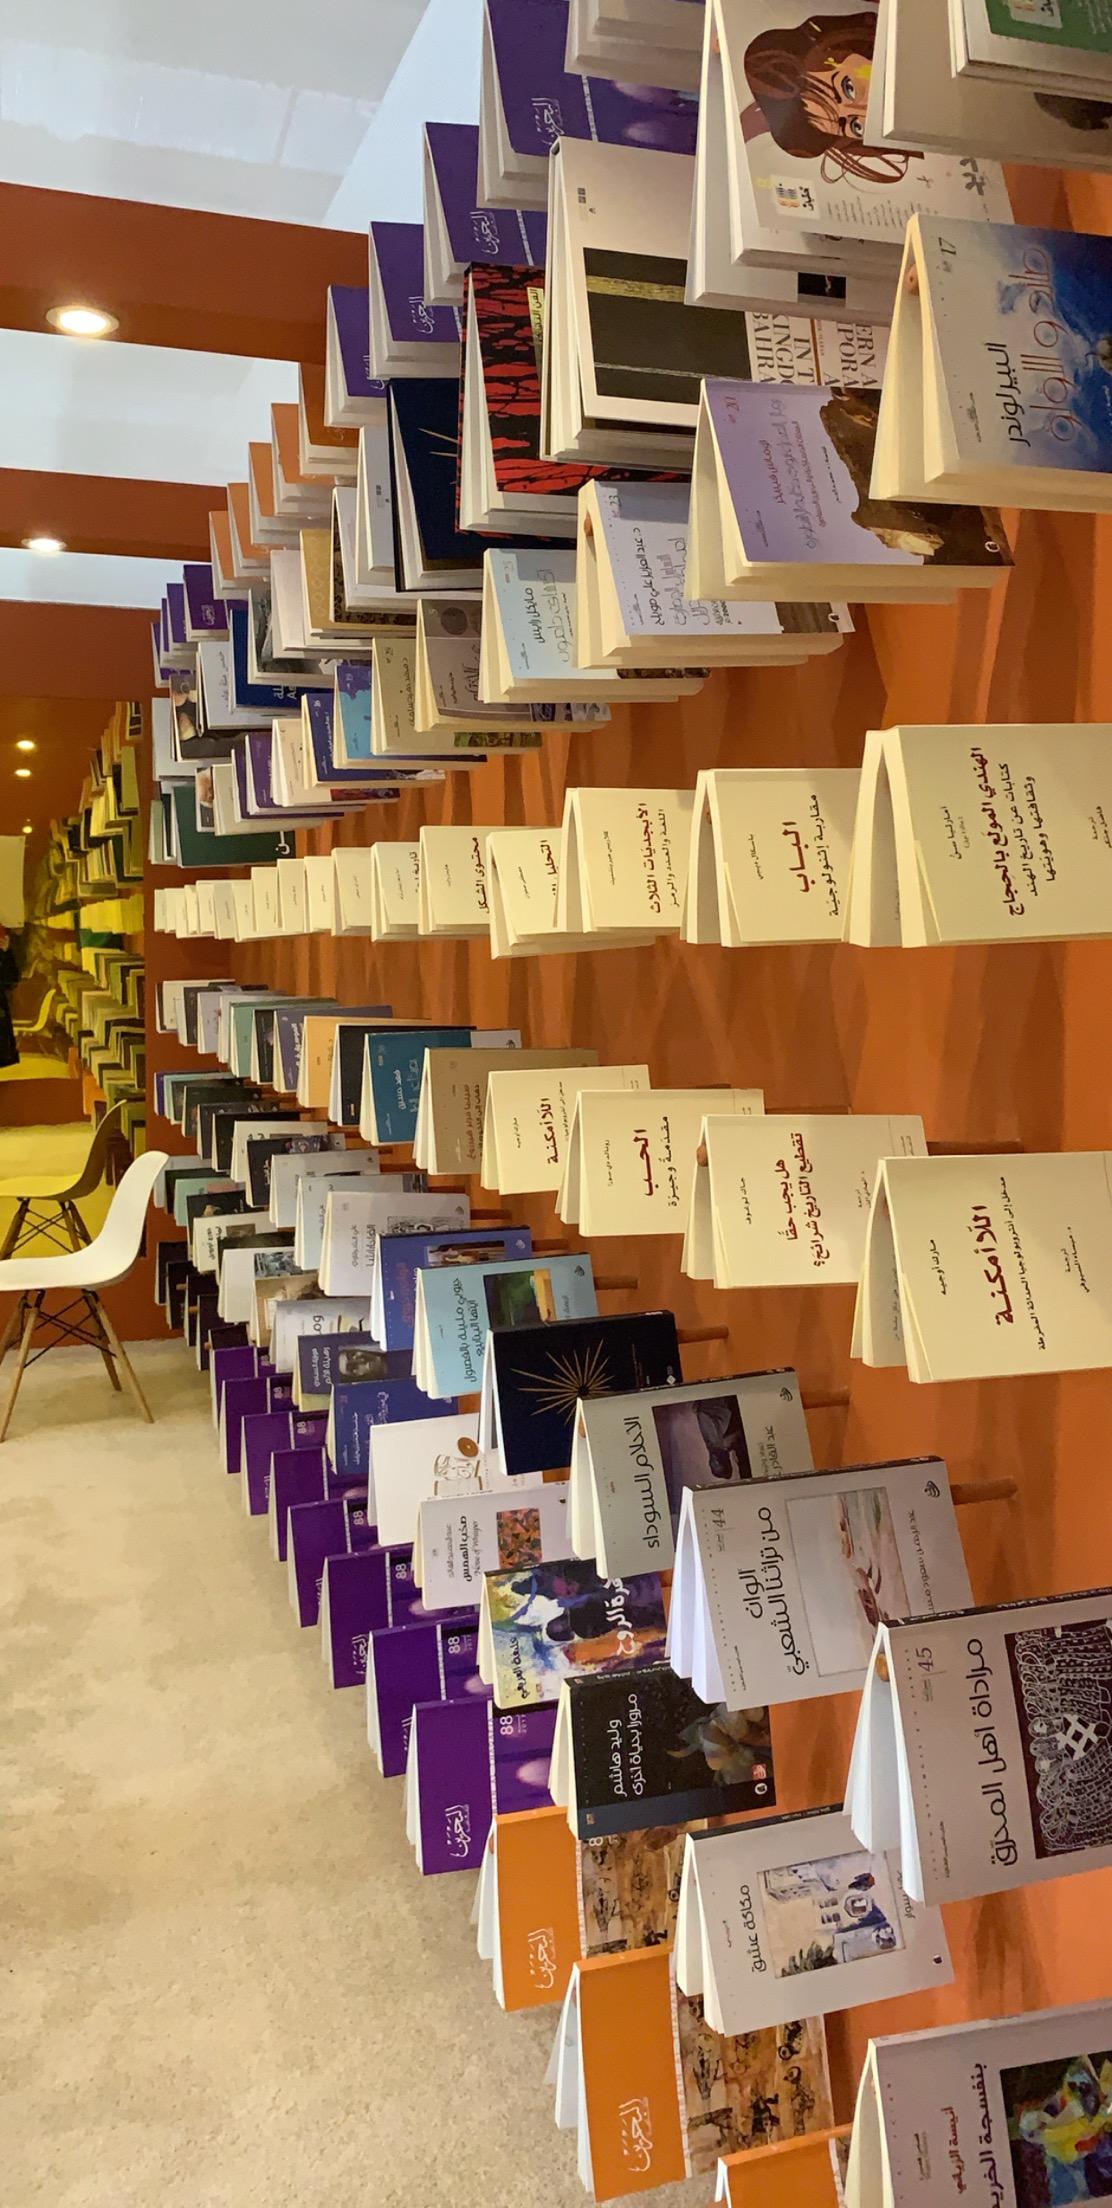 جناح هيئة البحرين للثقافة والآثار فى معرض القاهرة الدولى للكتاب 2019 (1)